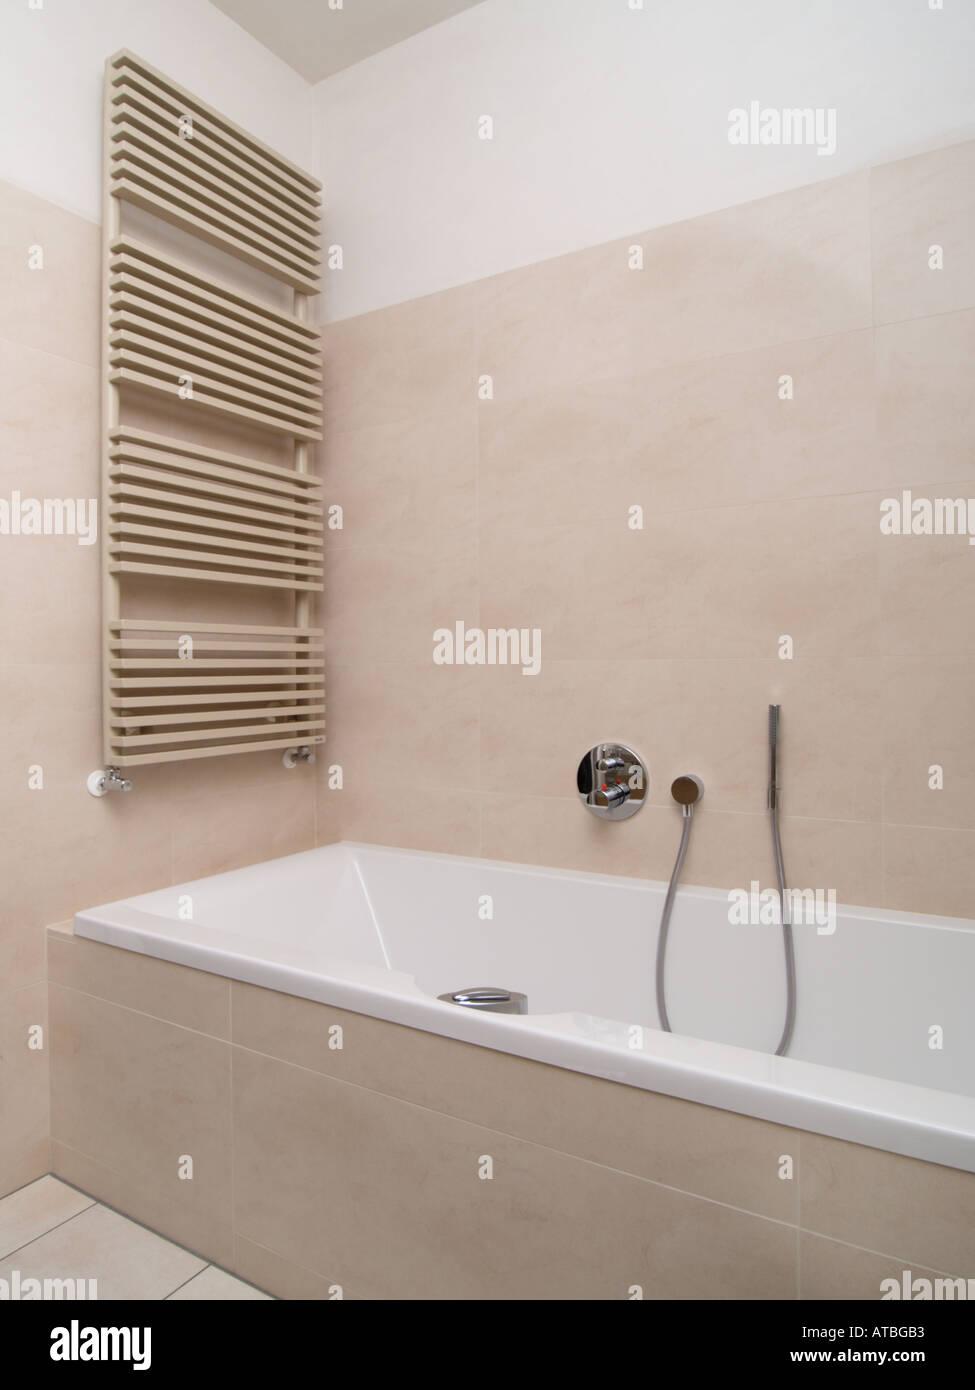 Neues Modernes Bad Mit Design Heizkörper Heizung Und Duschkopf Beige Creme  Farbe